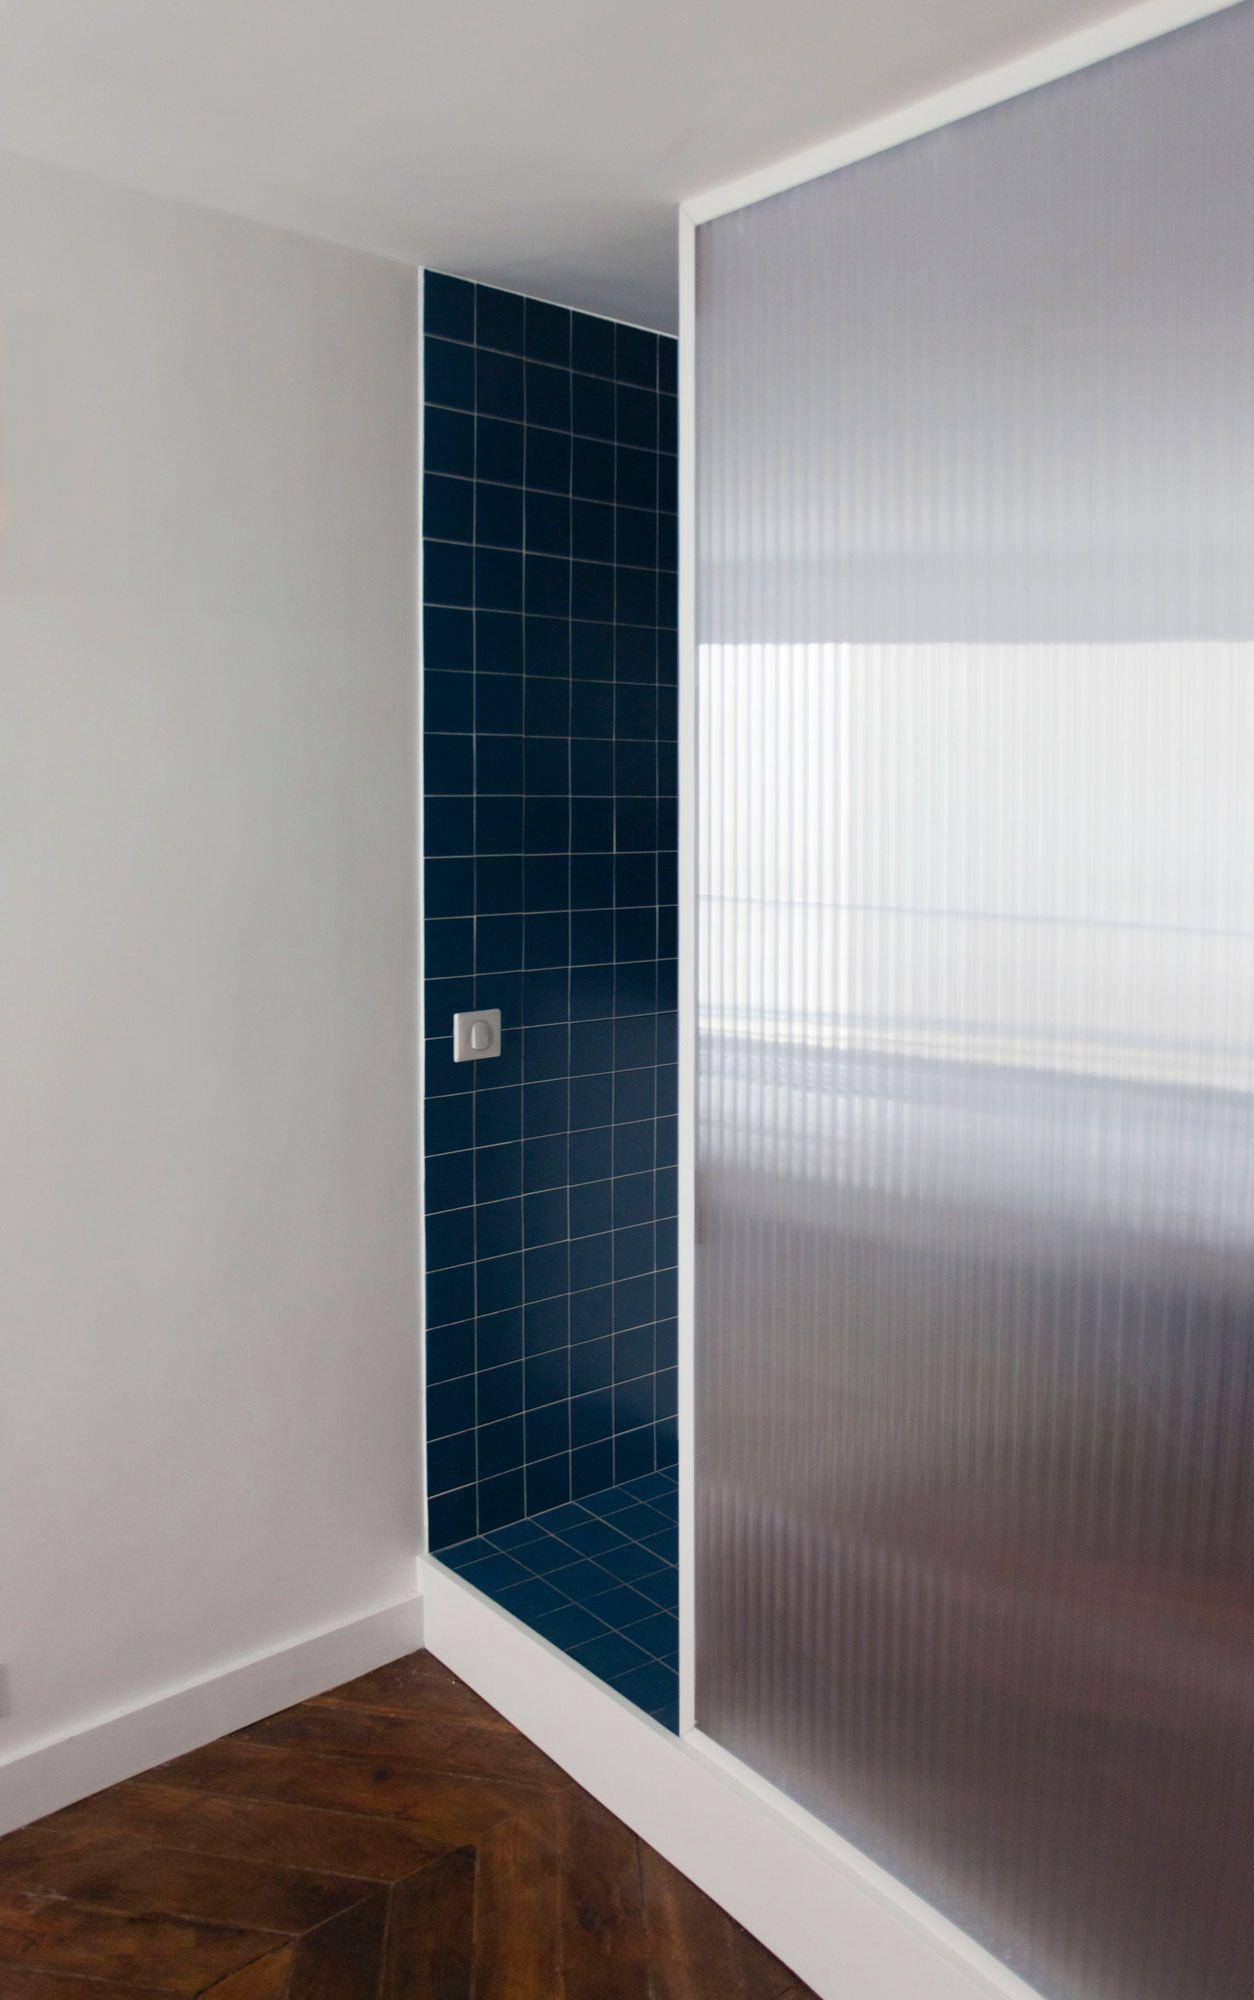 salle de bain cloison polycarbonate et carreaux de c ramique bleu bathroom polycarbonate. Black Bedroom Furniture Sets. Home Design Ideas